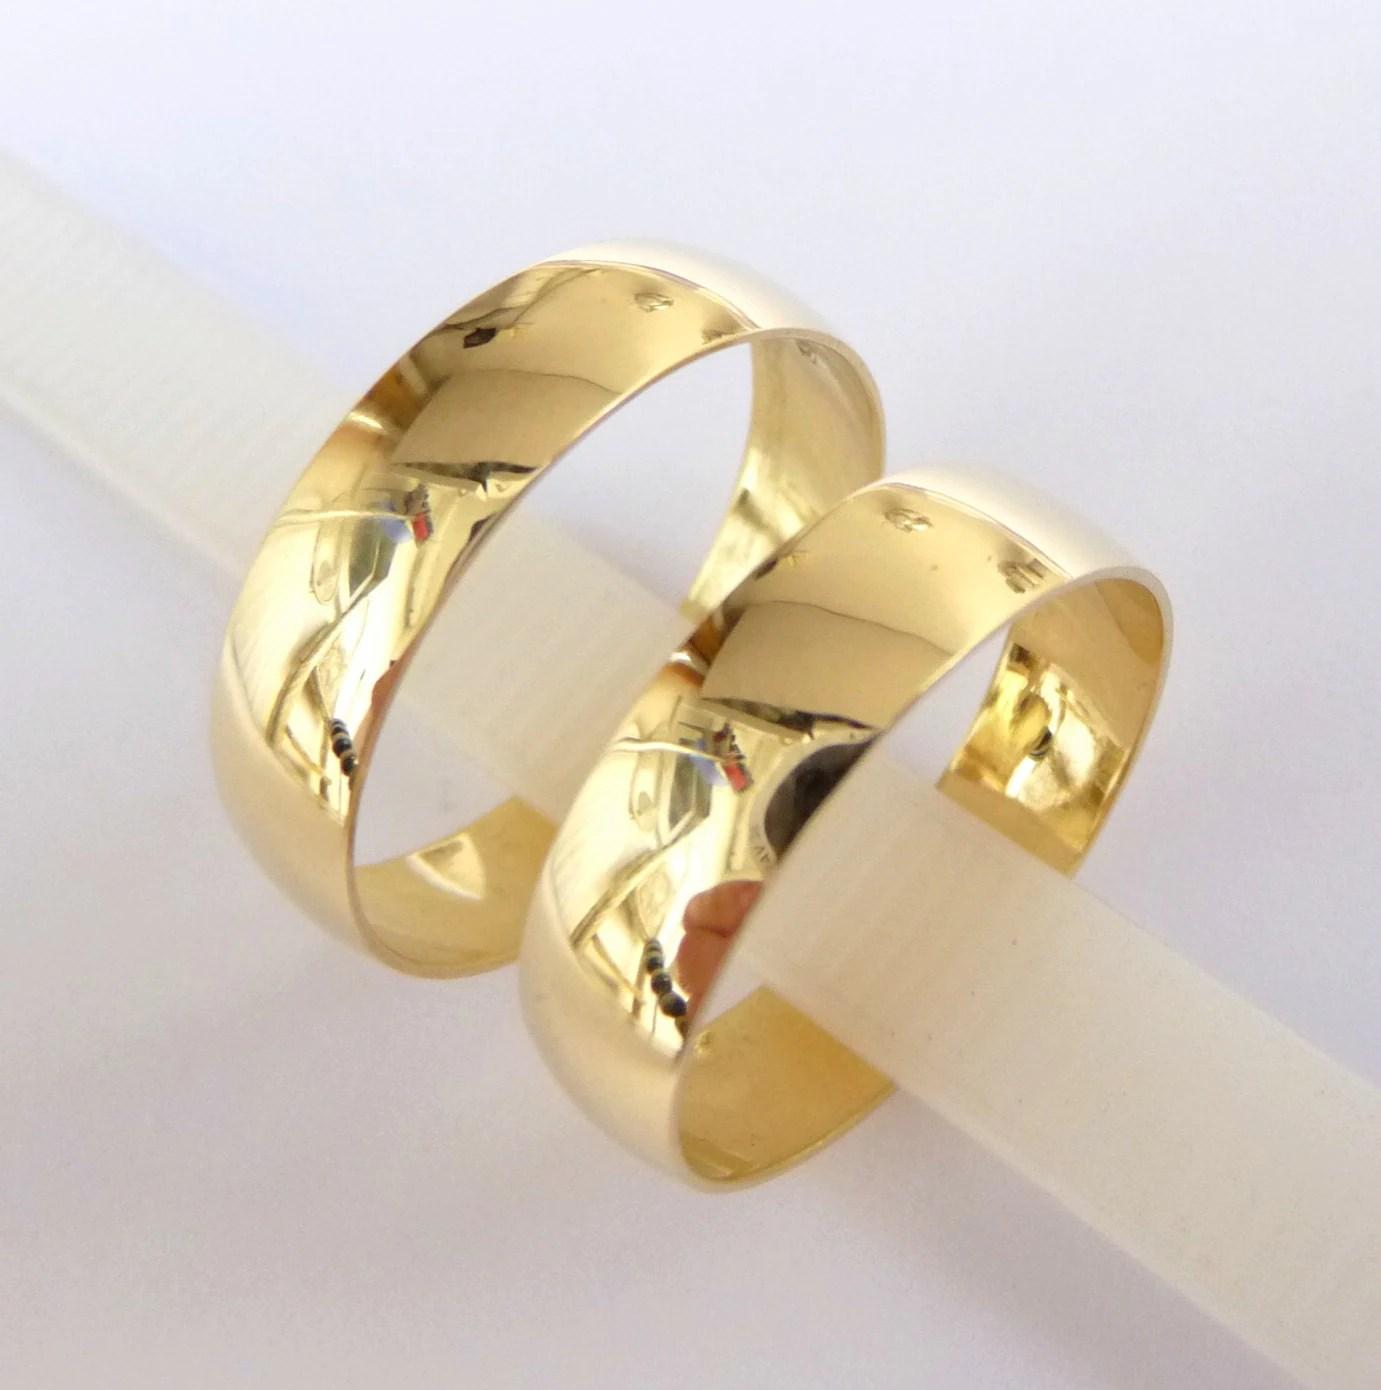 wedding bands set womens mens wedding cheap gold wedding bands gold 5mm wide wedding bands zoom